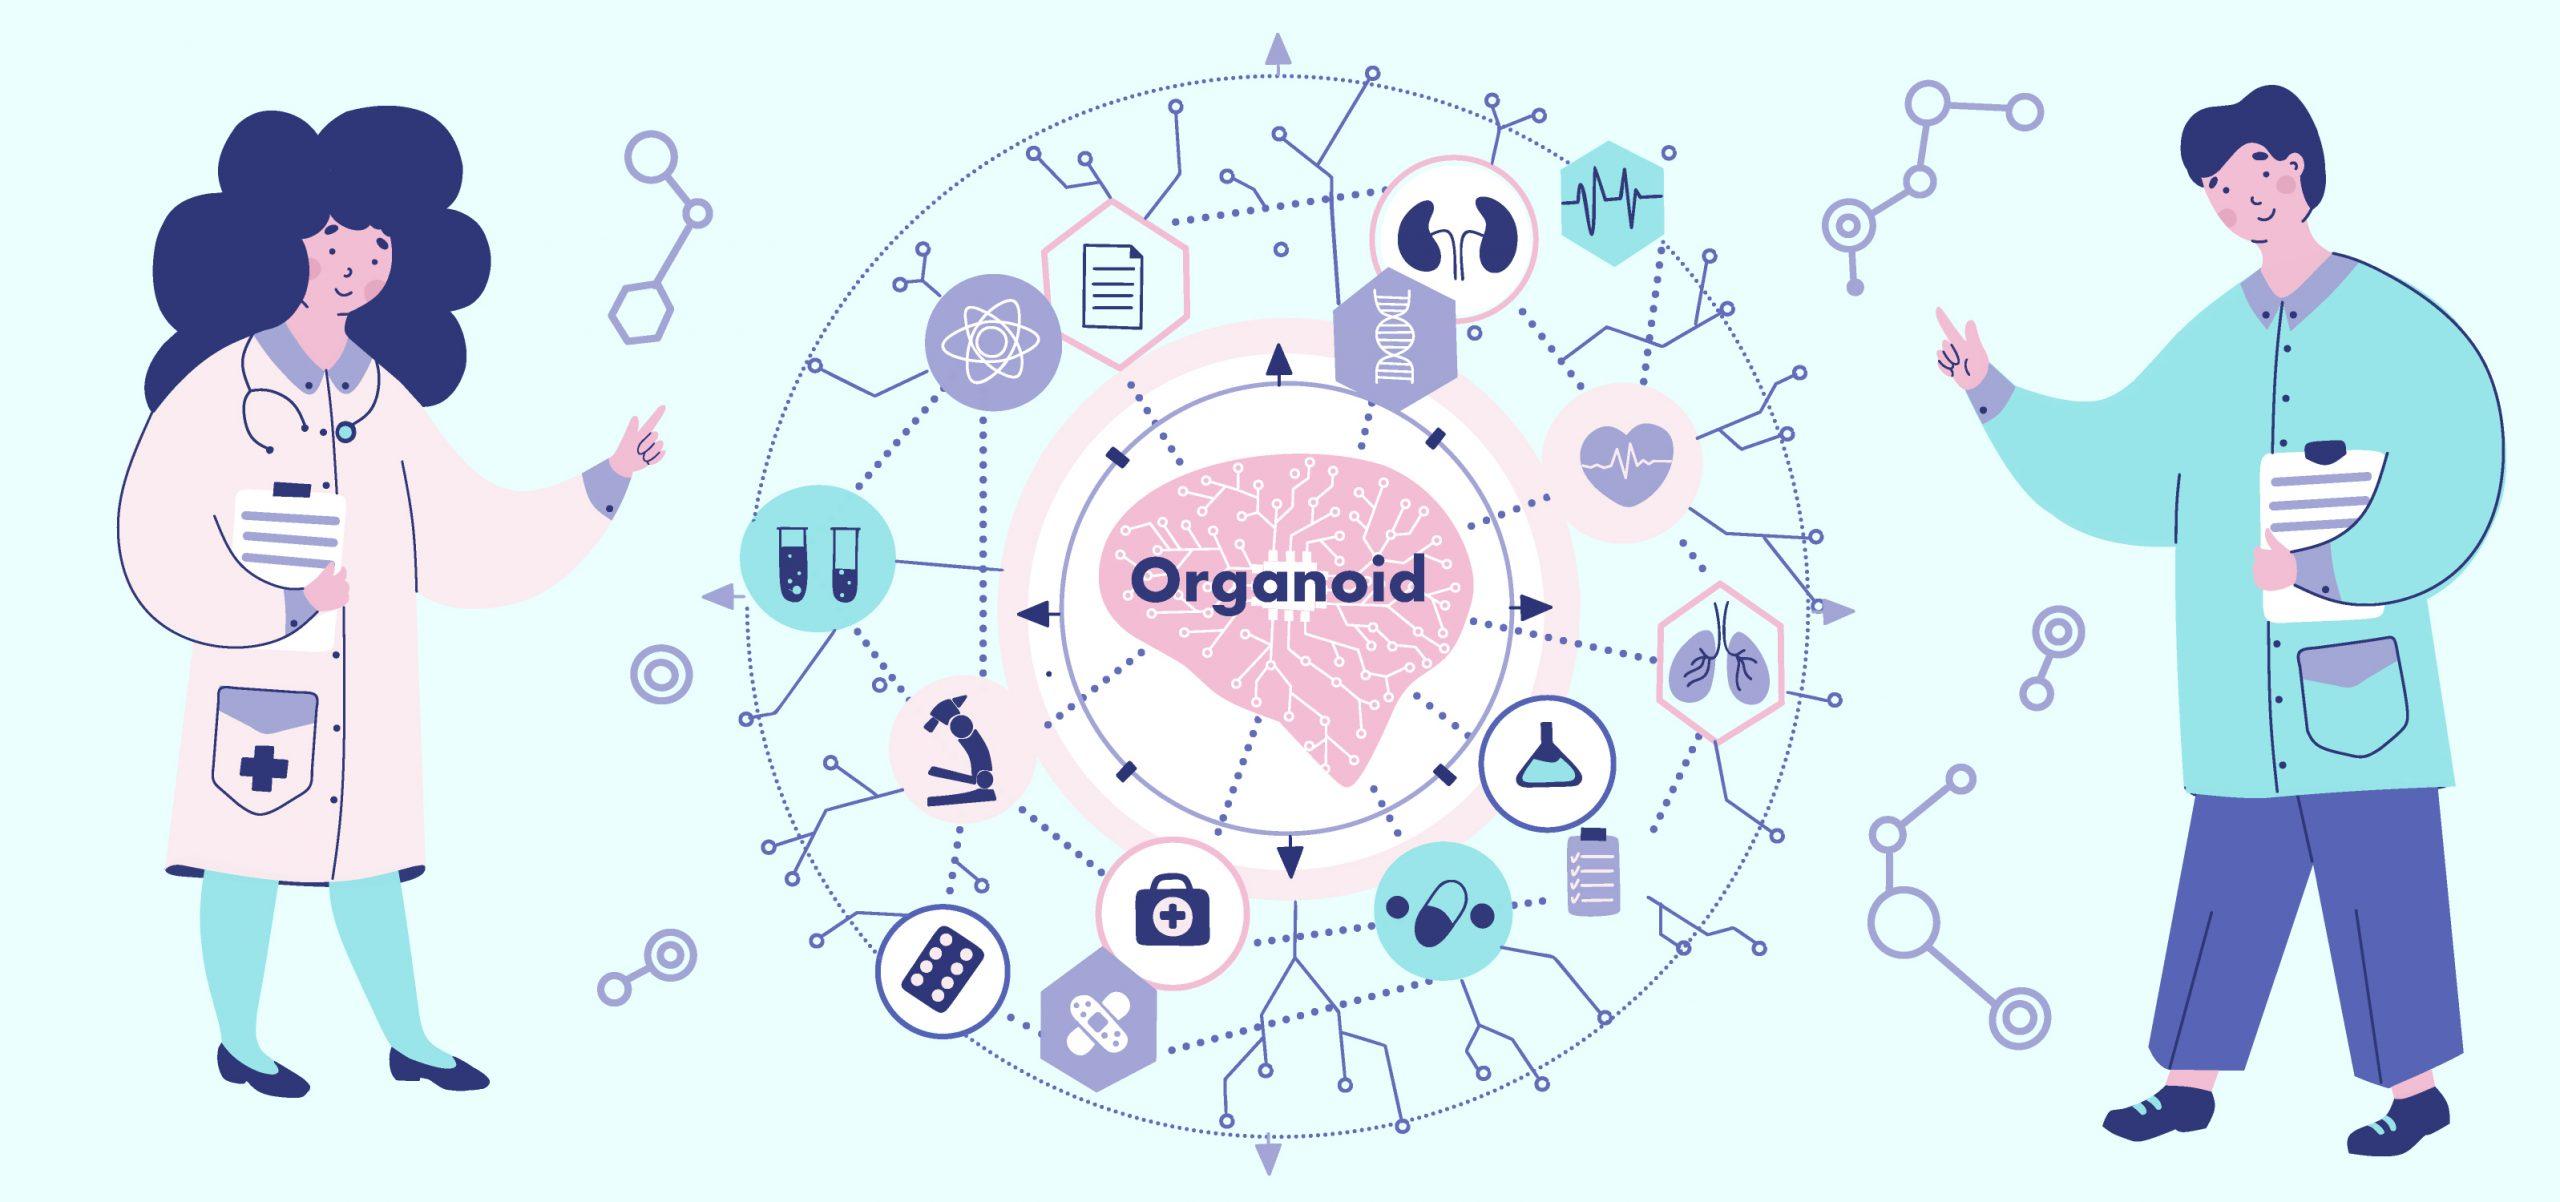 脳オルガノイドの研究と臨床応用での倫理問題を体系化